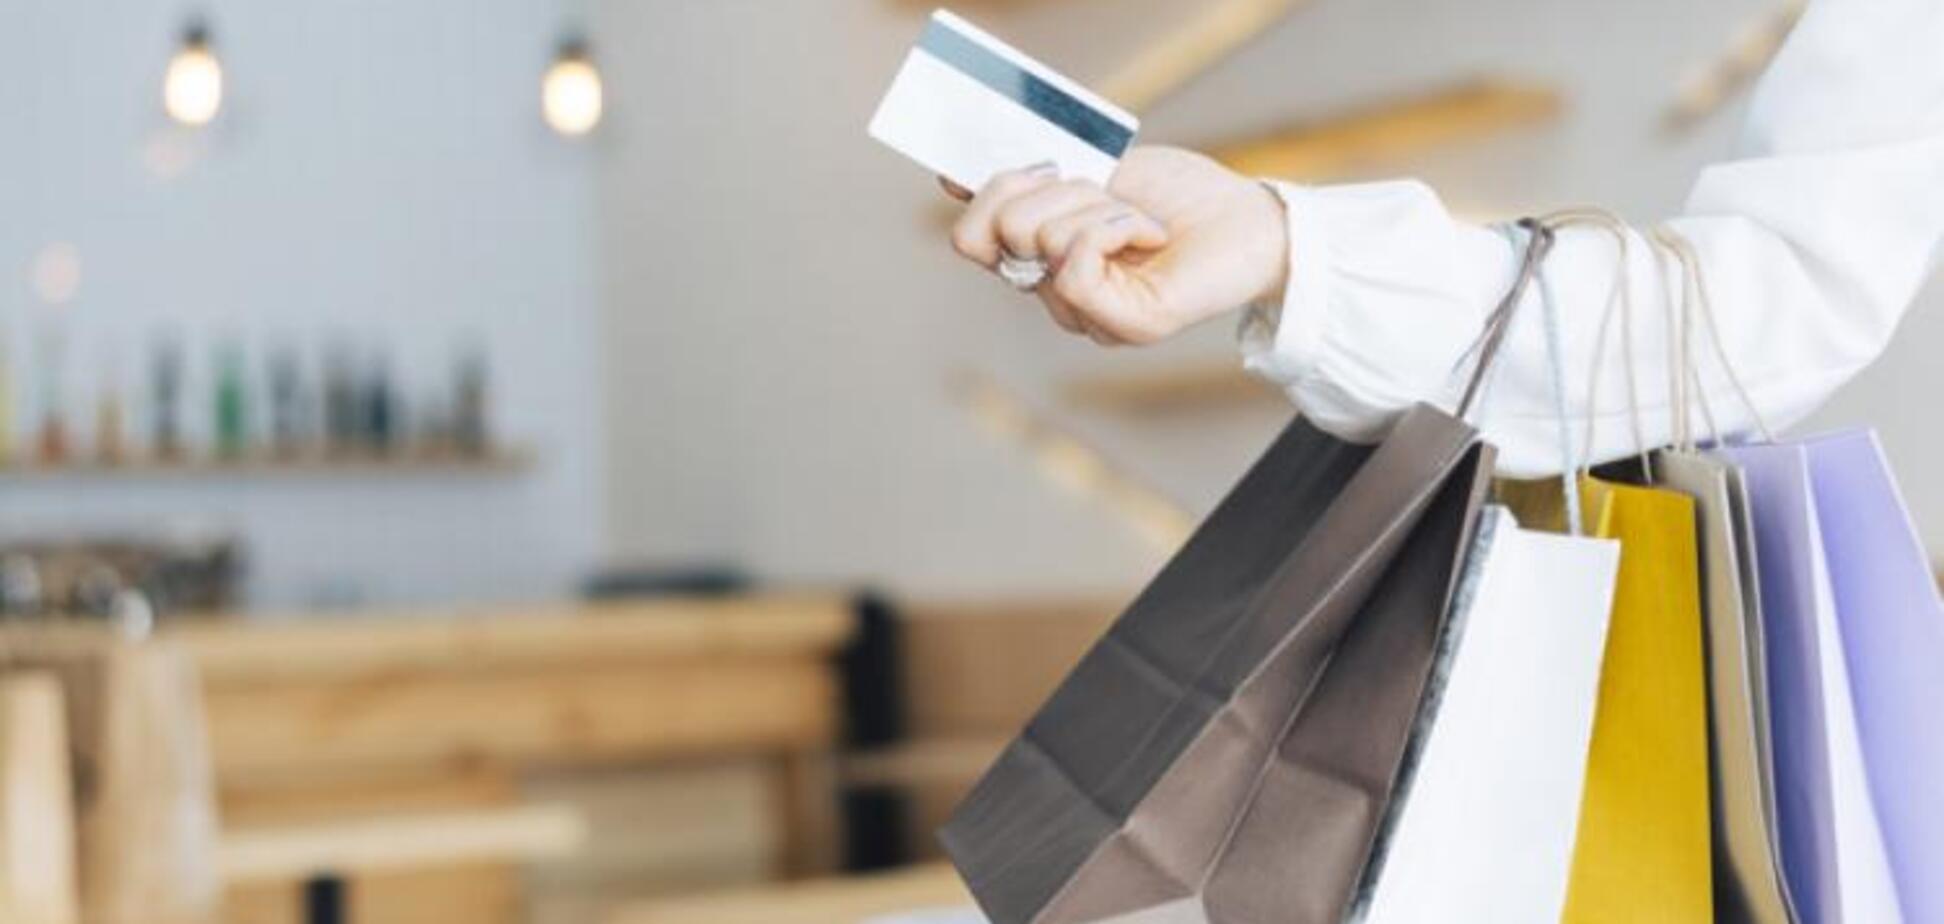 Повернення грошей і обмін товару в Дніпрі: права споживачів